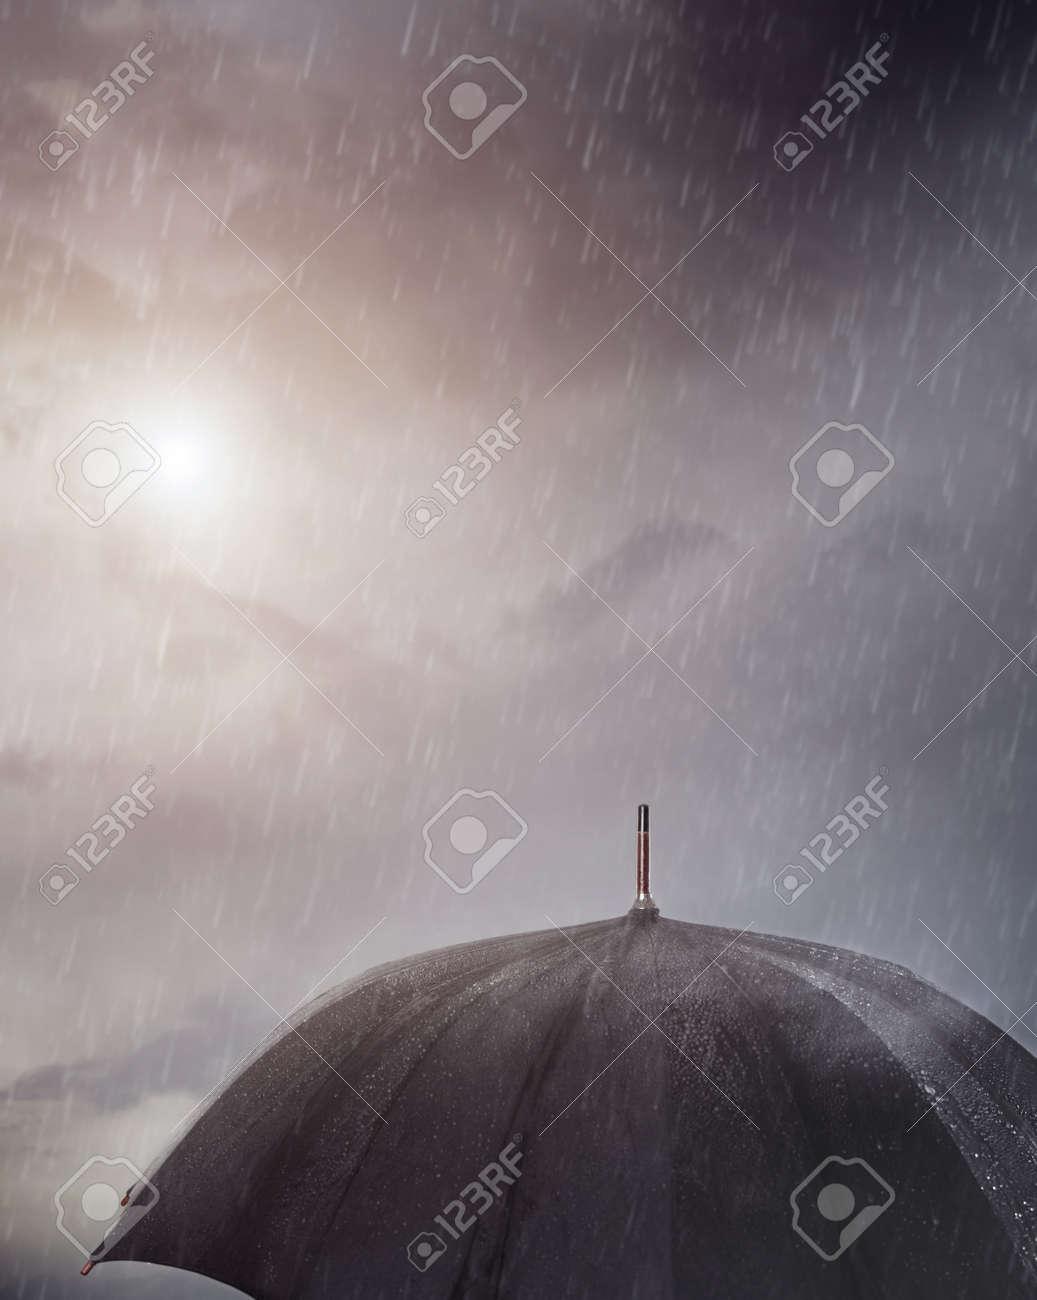 Wet umbrella under the rain - 18853831